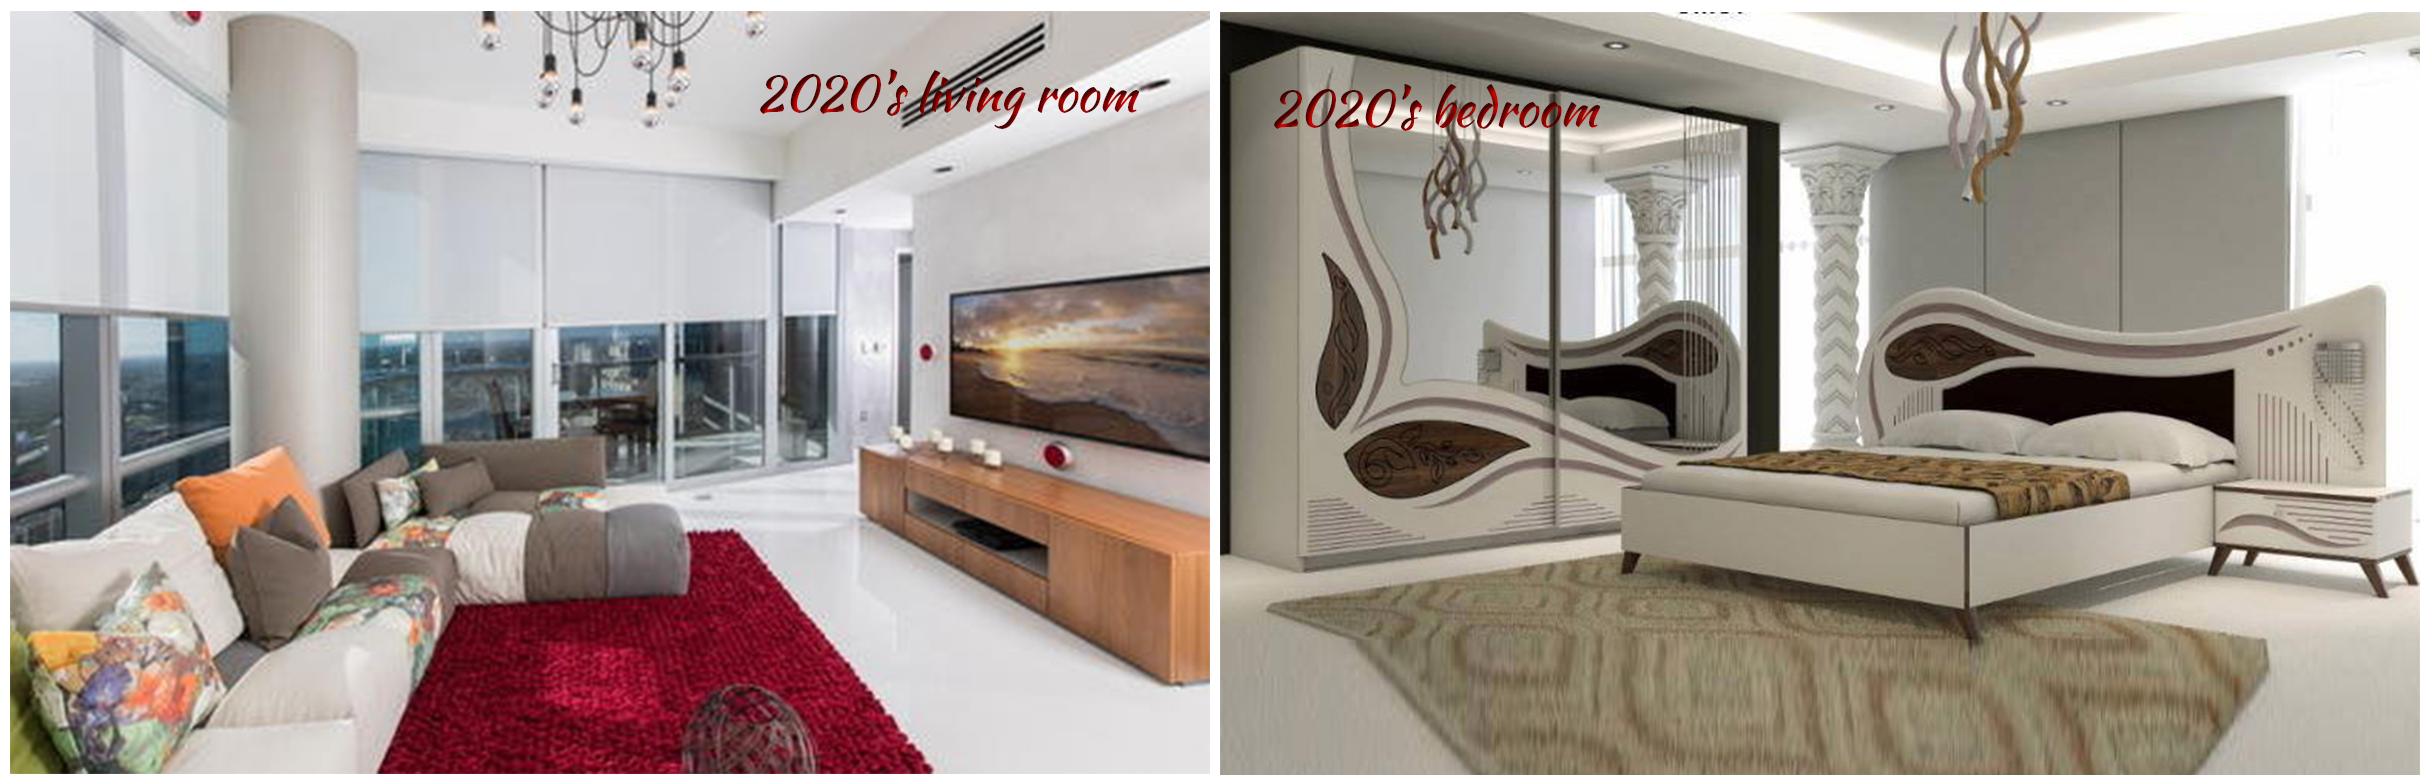 2020's Upcoming Interior Design